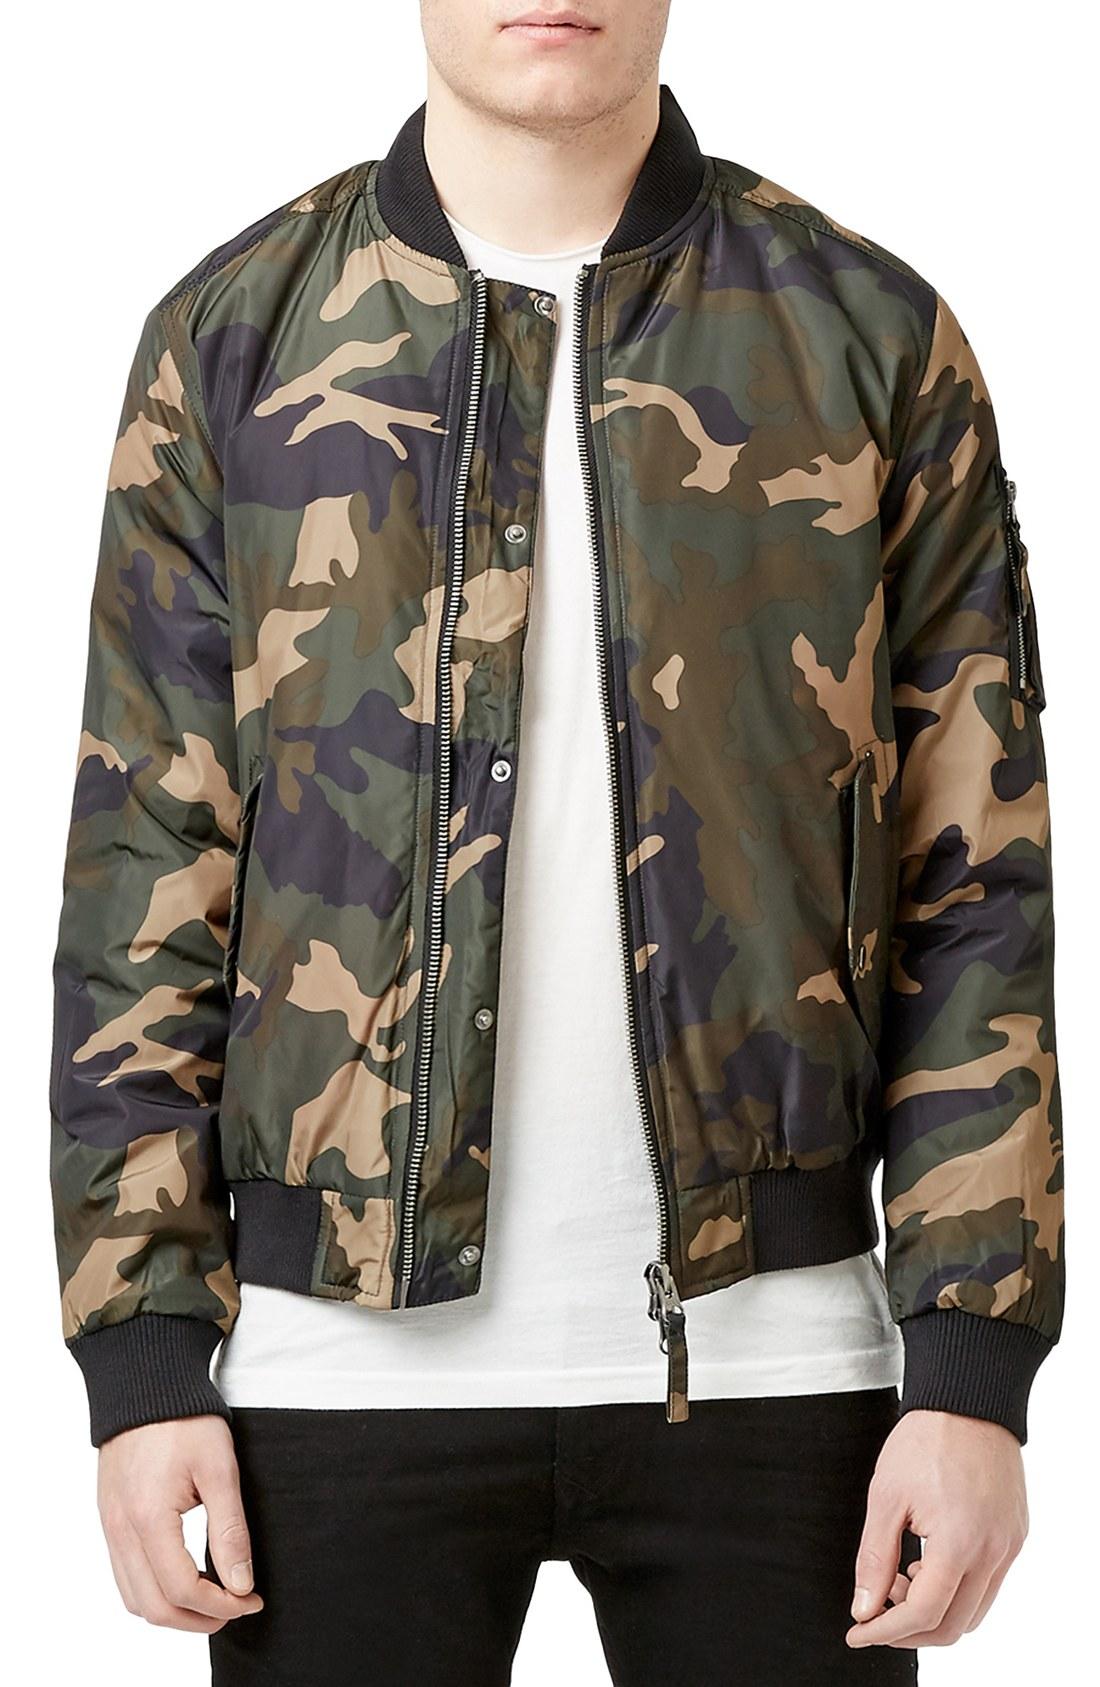 Bomber Jacket Styles for Men (18)